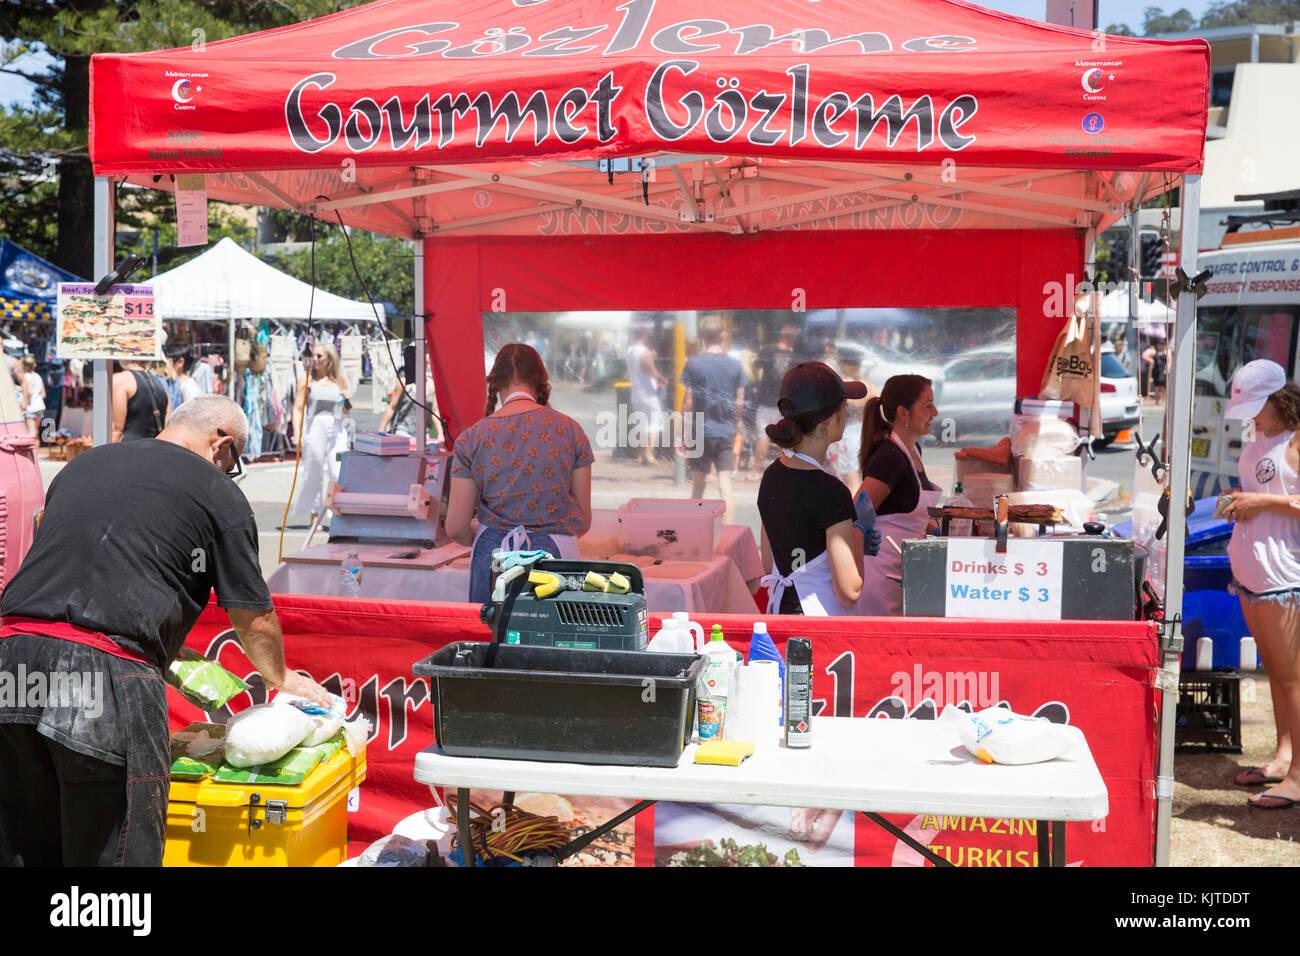 Türkische Gourmet Gözleme garküche dieses berühmte Fladenbrot essen Verkauf in Sydney, Australien Stockbild